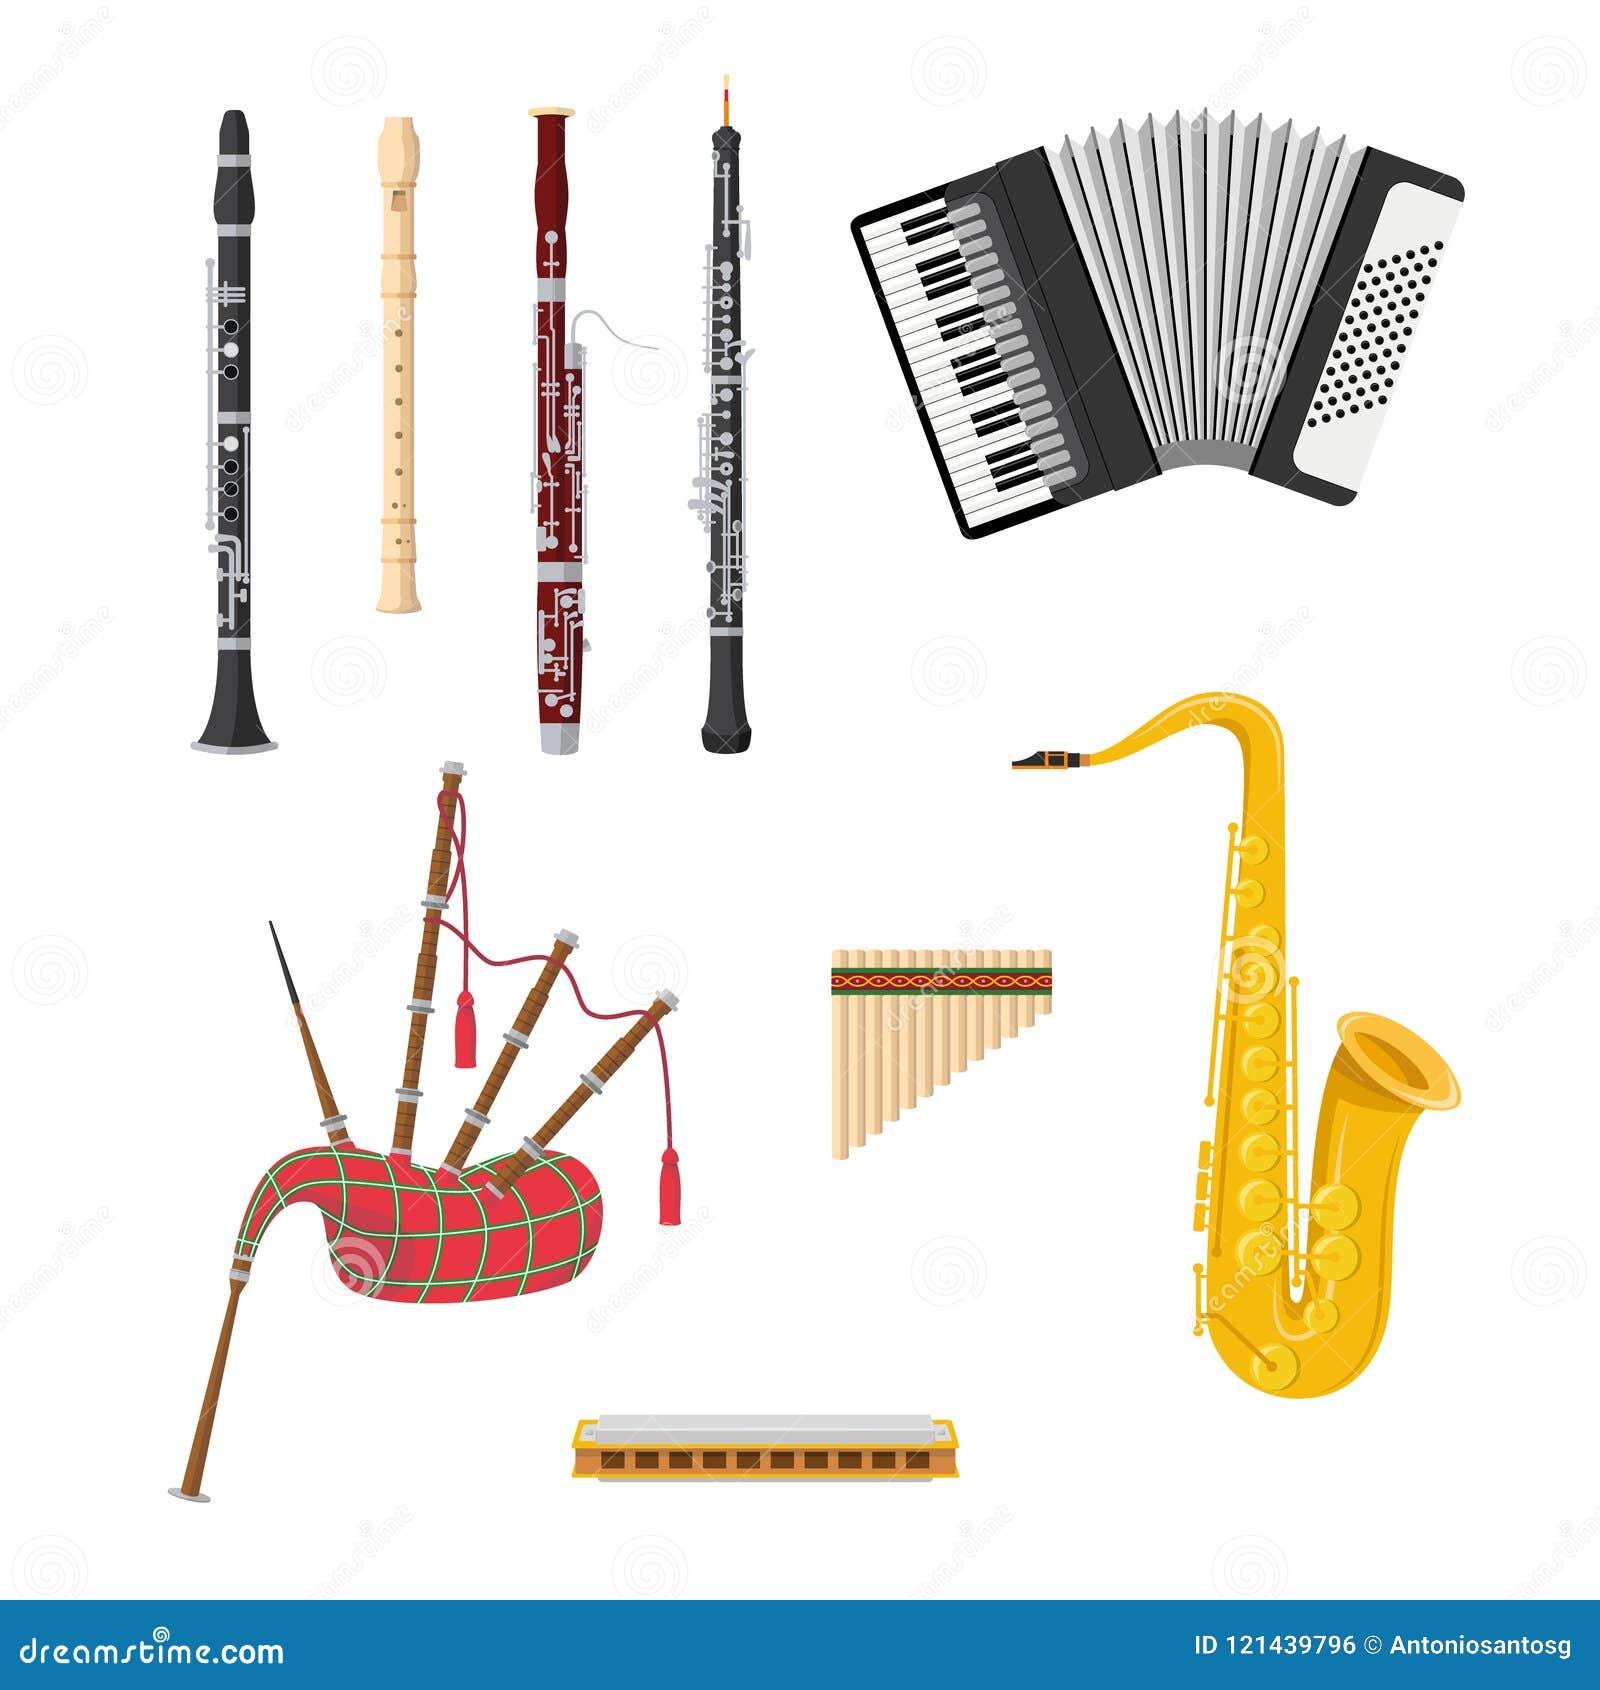 Insieme degli strumenti musicali degli strumenti a fiato nello stile del fumetto isolati su fondo bianco